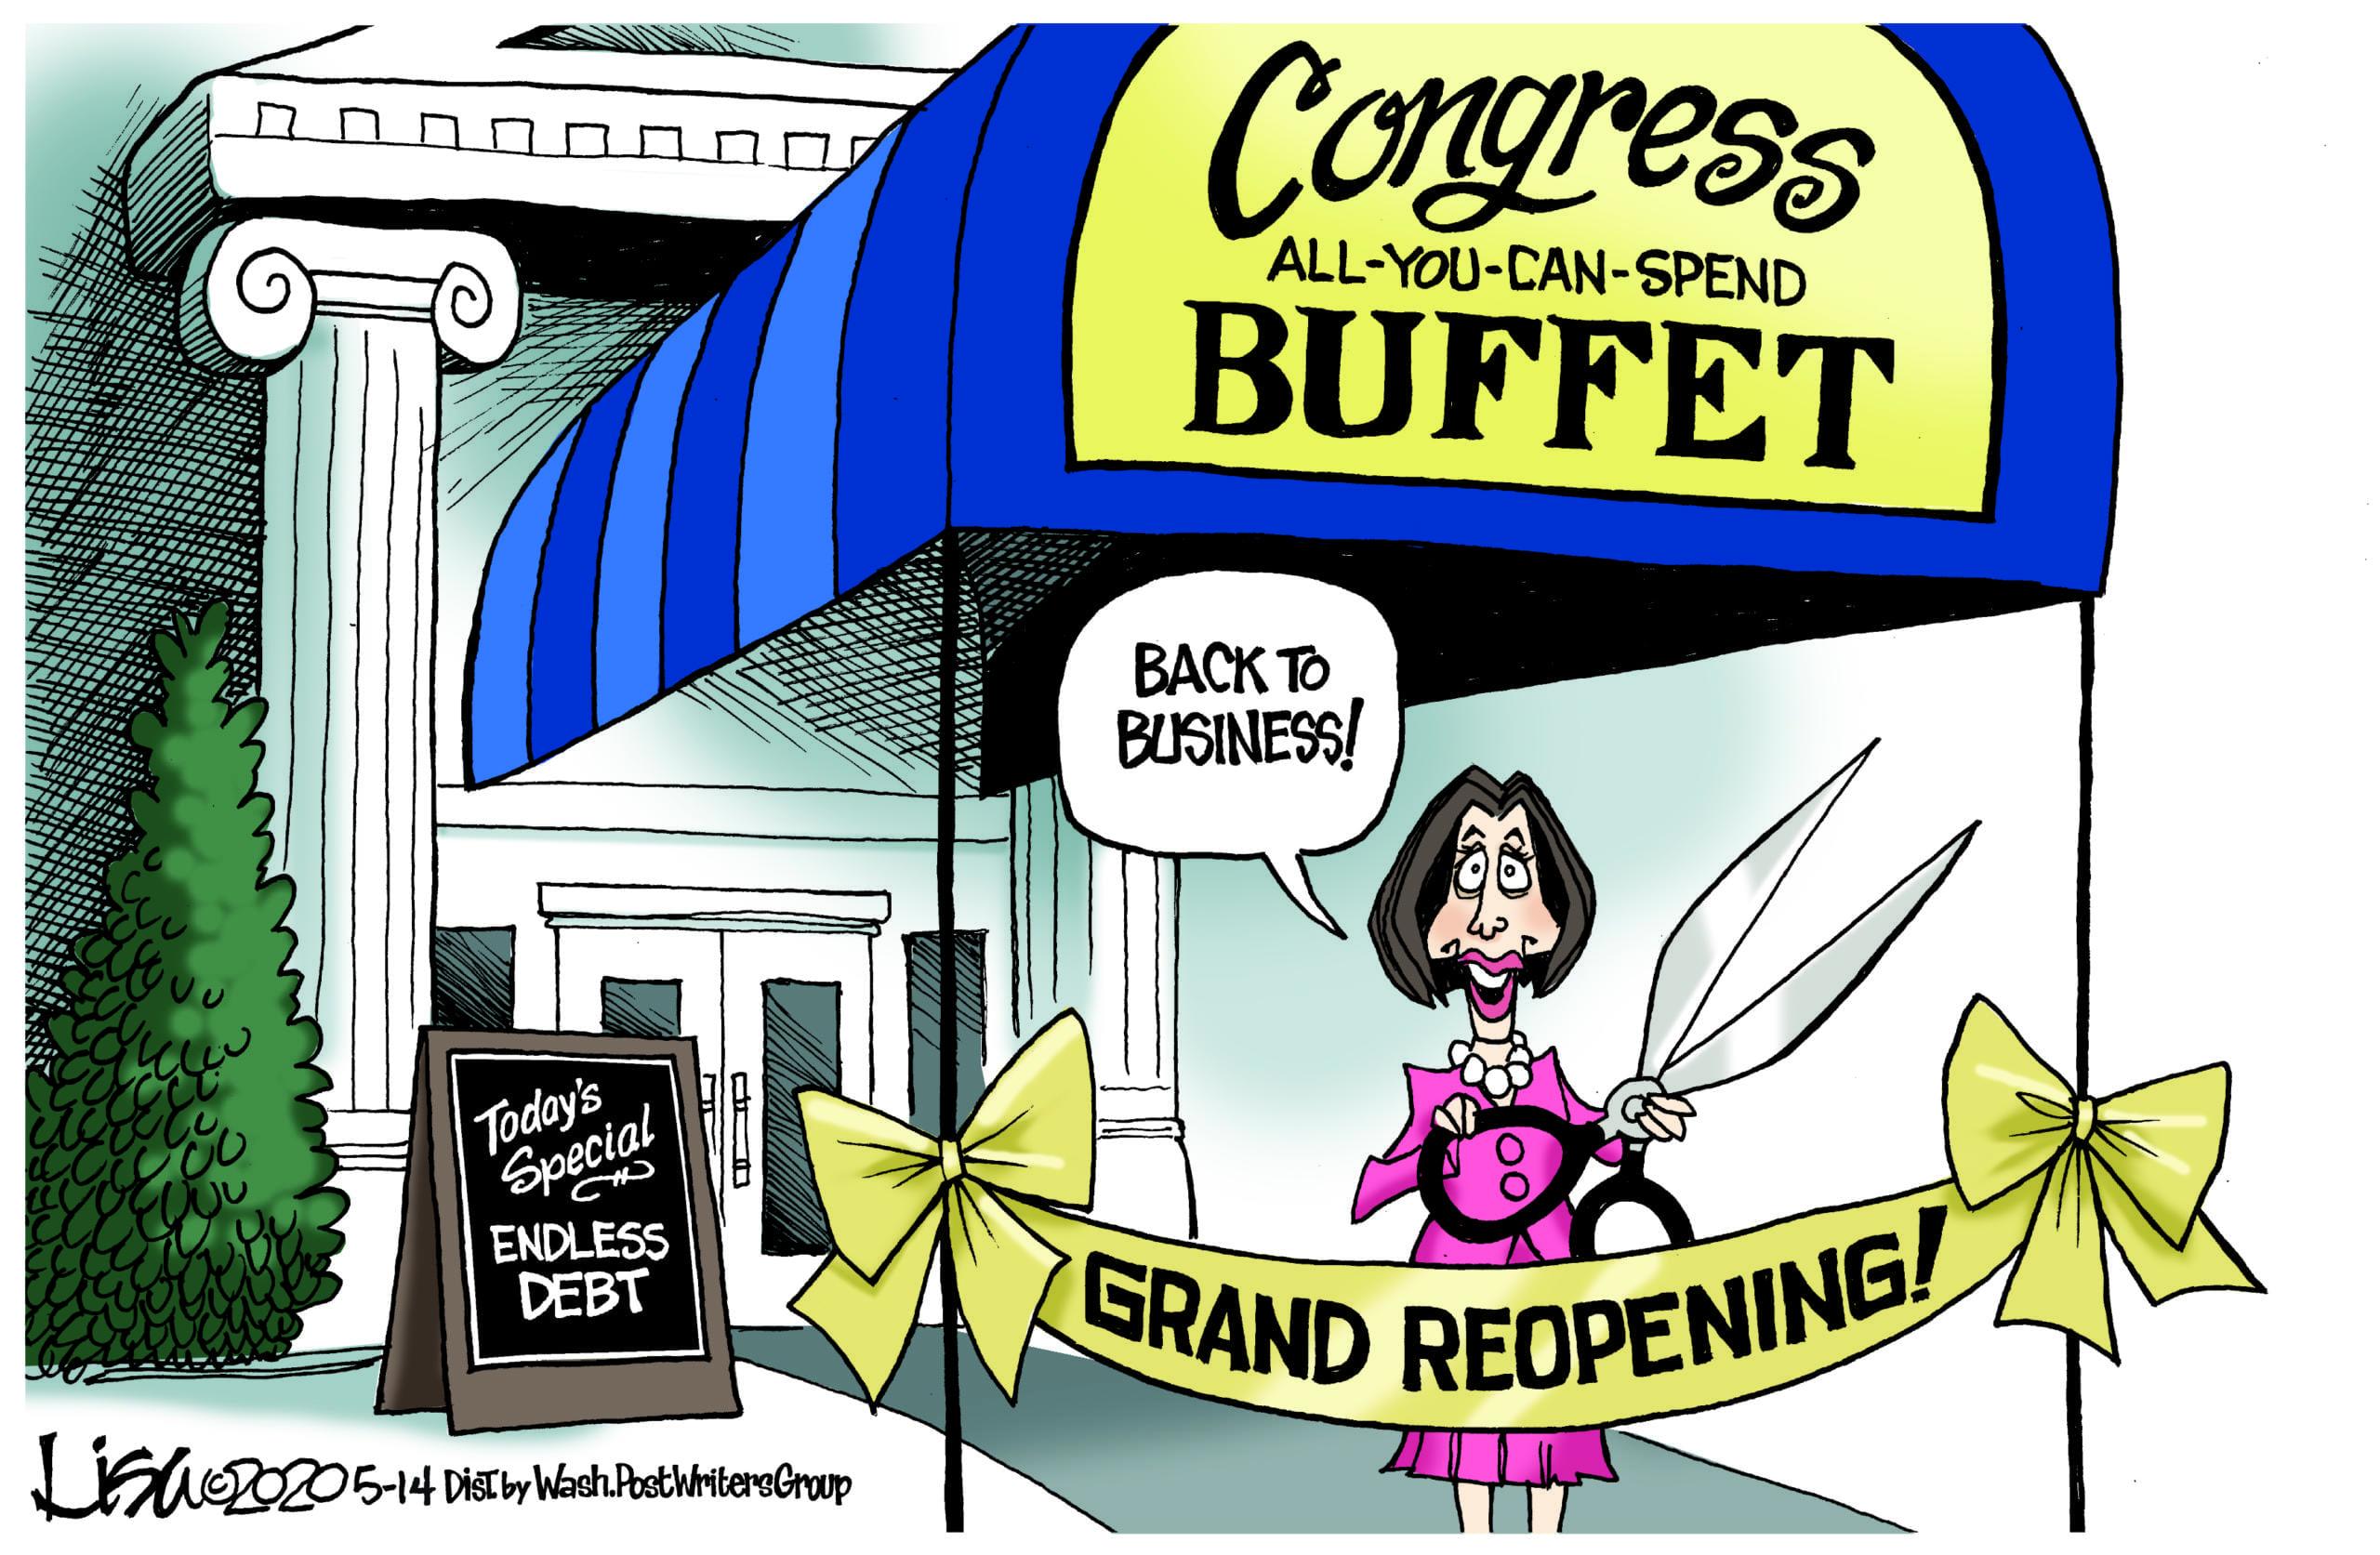 May 16: Nancy's Buffet